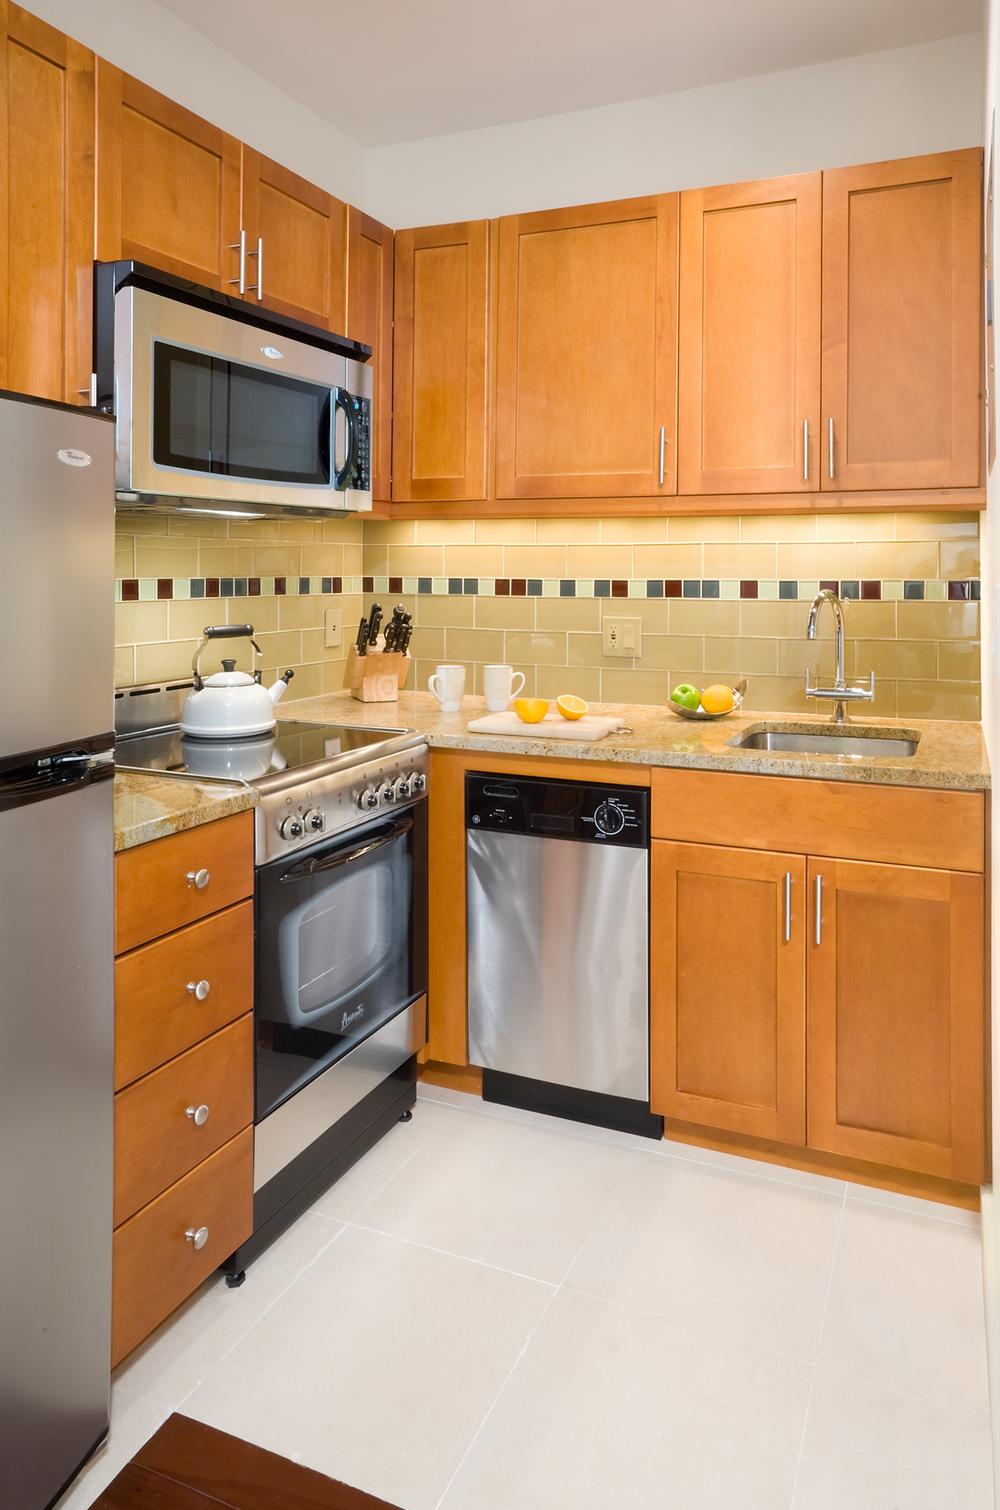 Tobin Parnes Design. NYC. Hospitality Design. Private Kitchen Area.